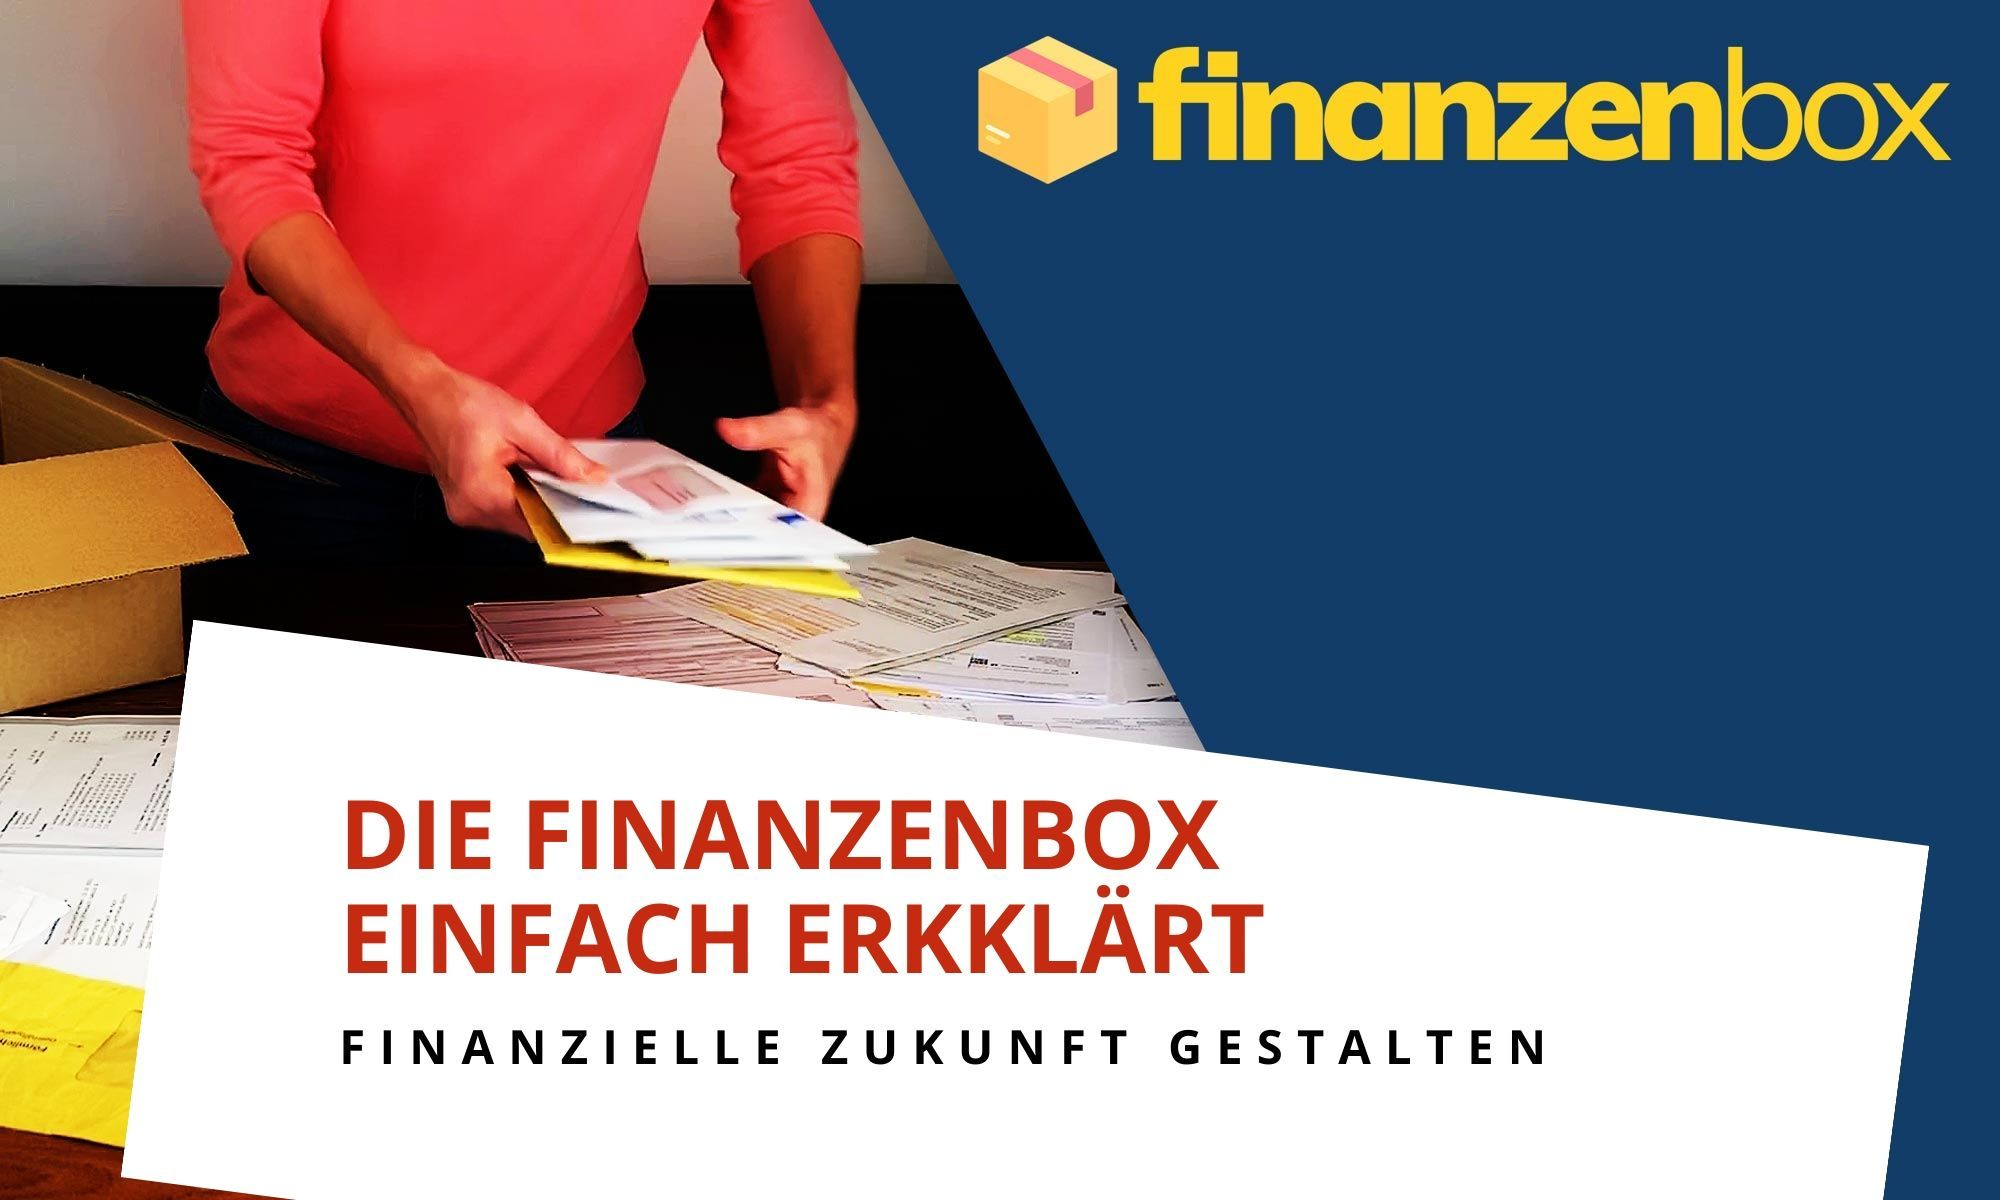 Die Finanzenbox – einfach erklärt